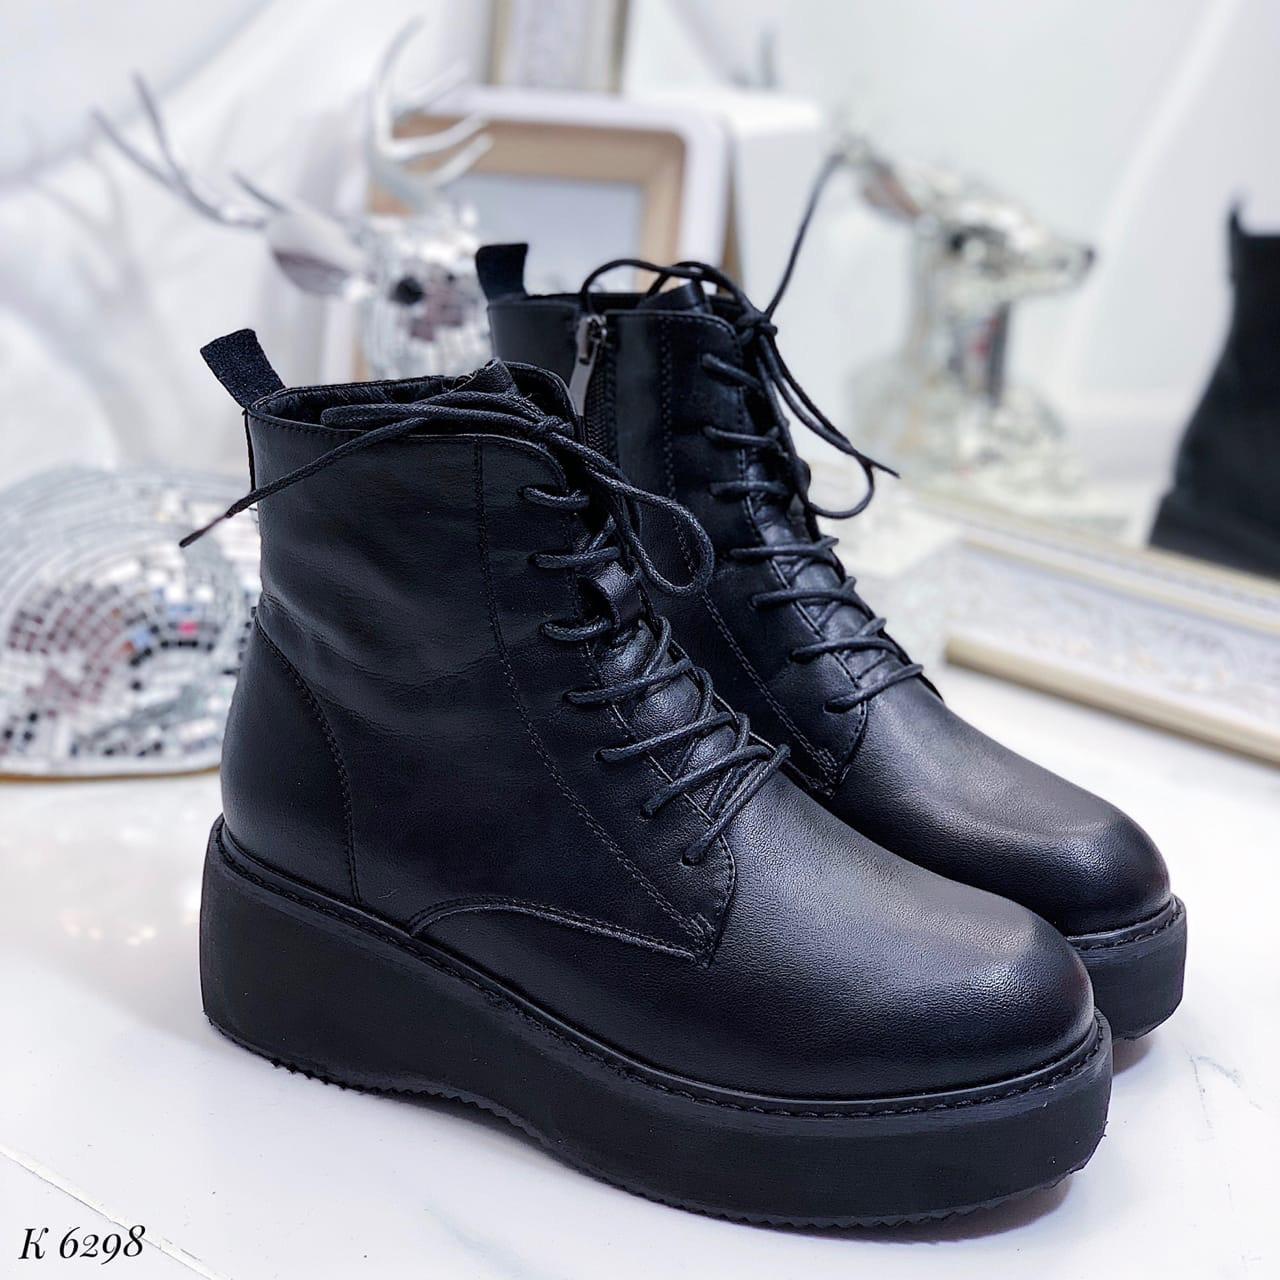 39 р. Ботинки женские деми черные кожаные на низком ходу, демисезонные, из натуральной кожи,натуральная кожа